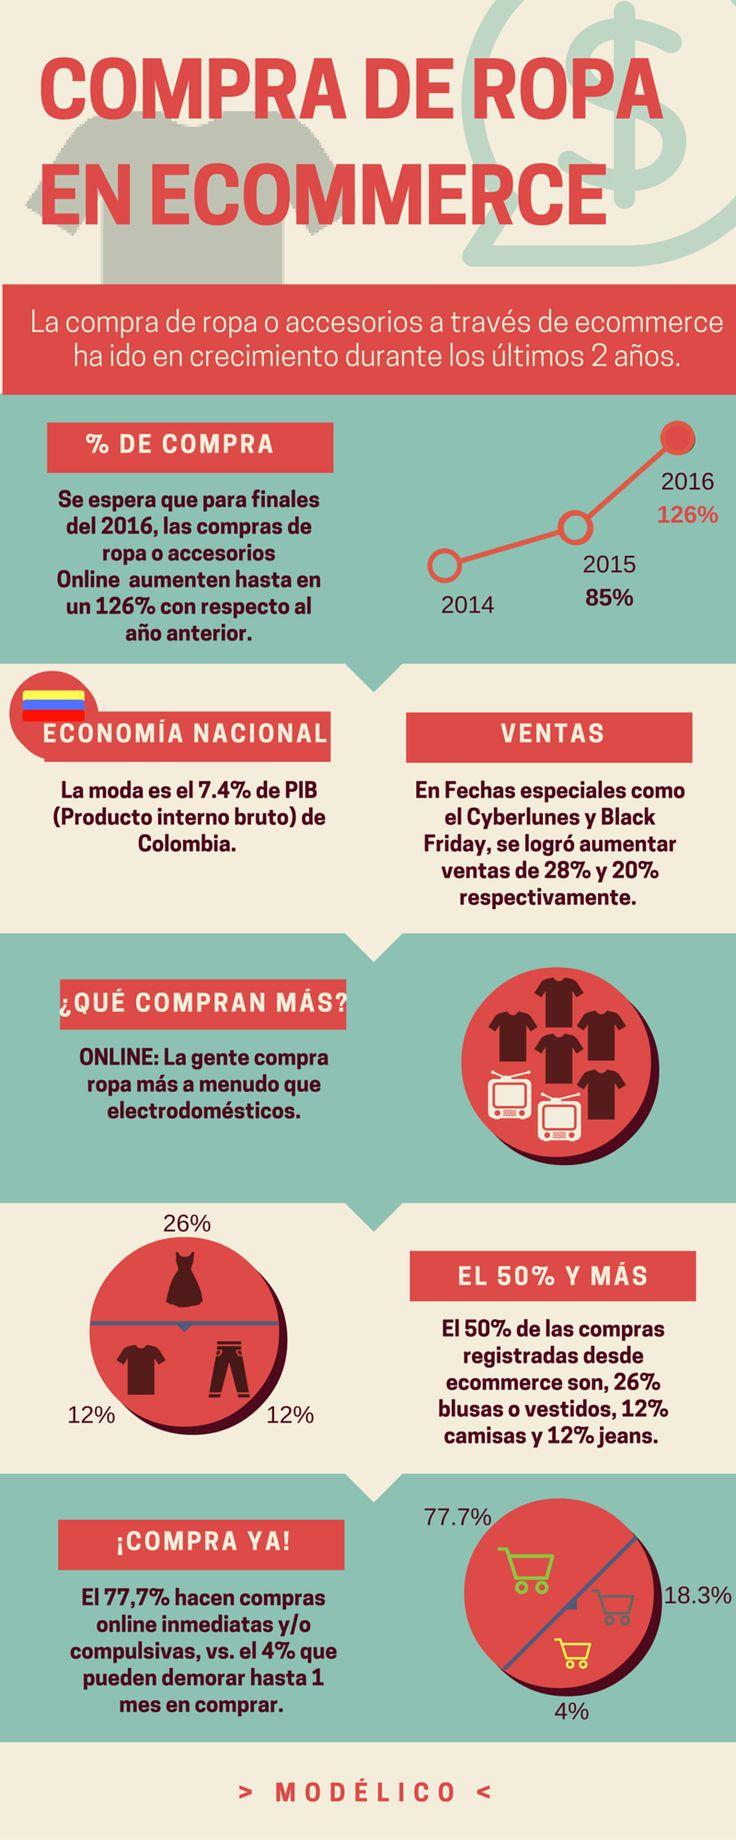 Datos estadísticos de la venta de ropa en ecommerce de Colombia. #Modélico.